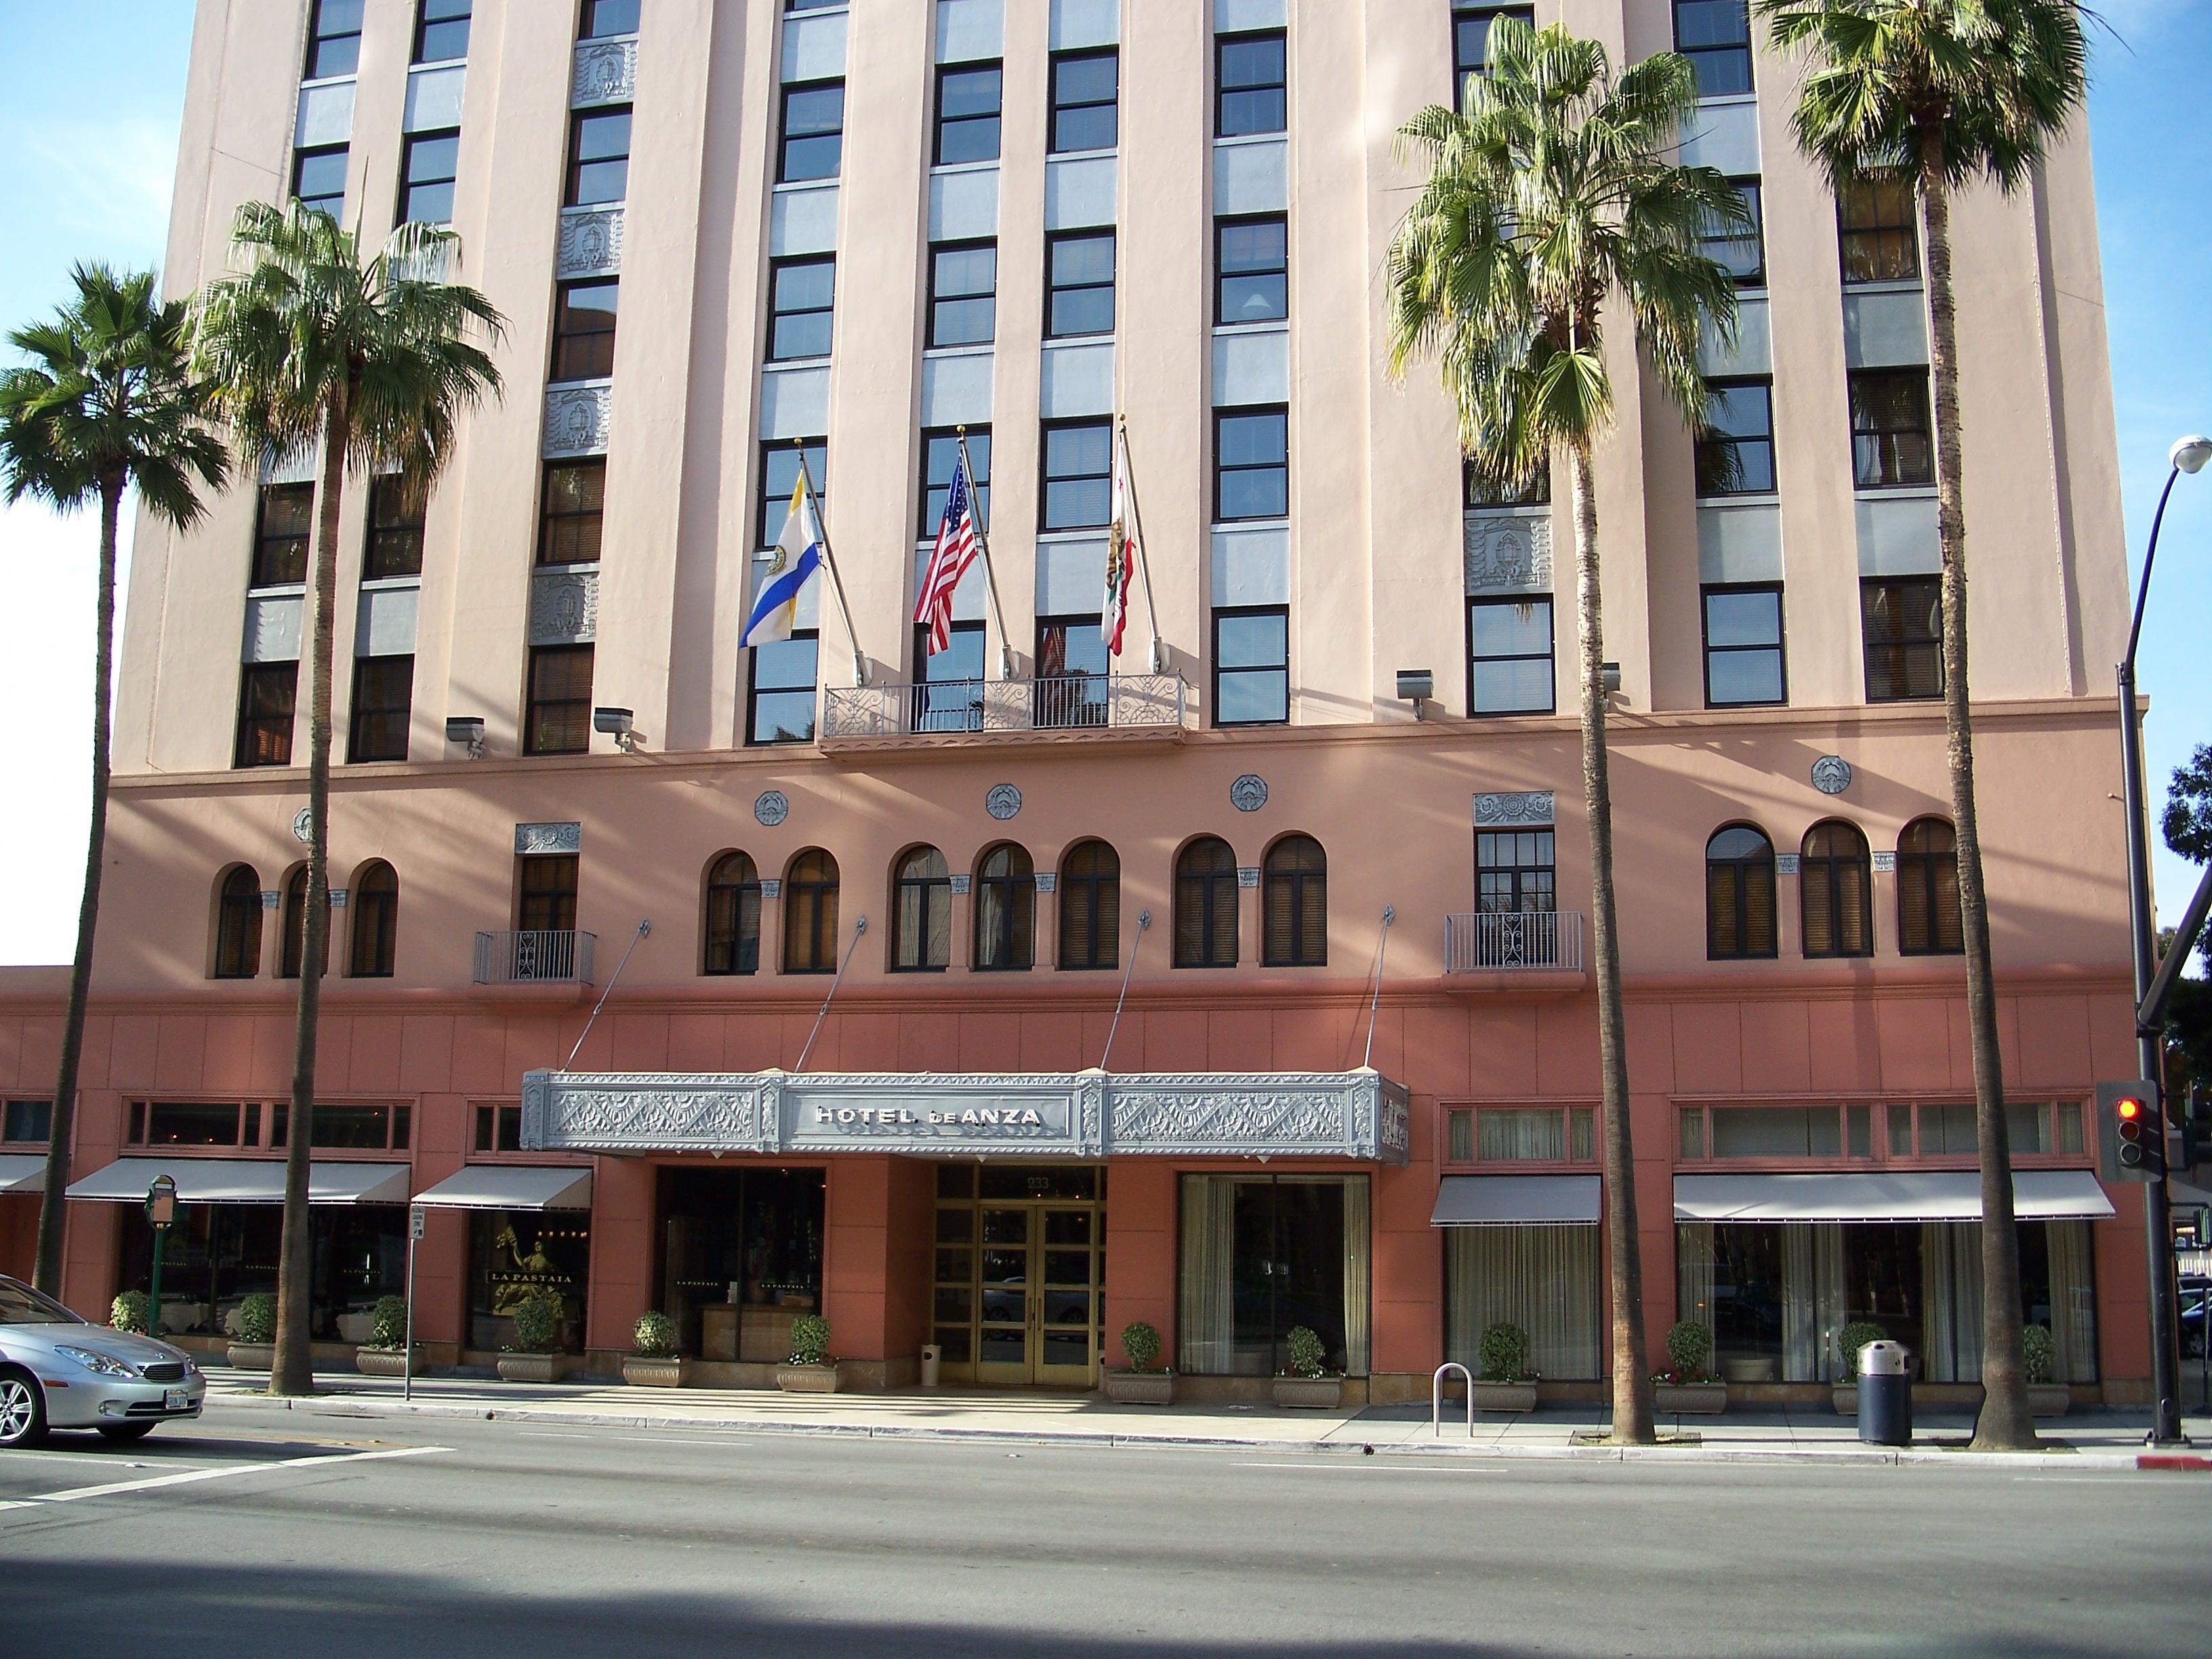 Number Of Hotel Rooms In Las Vegas